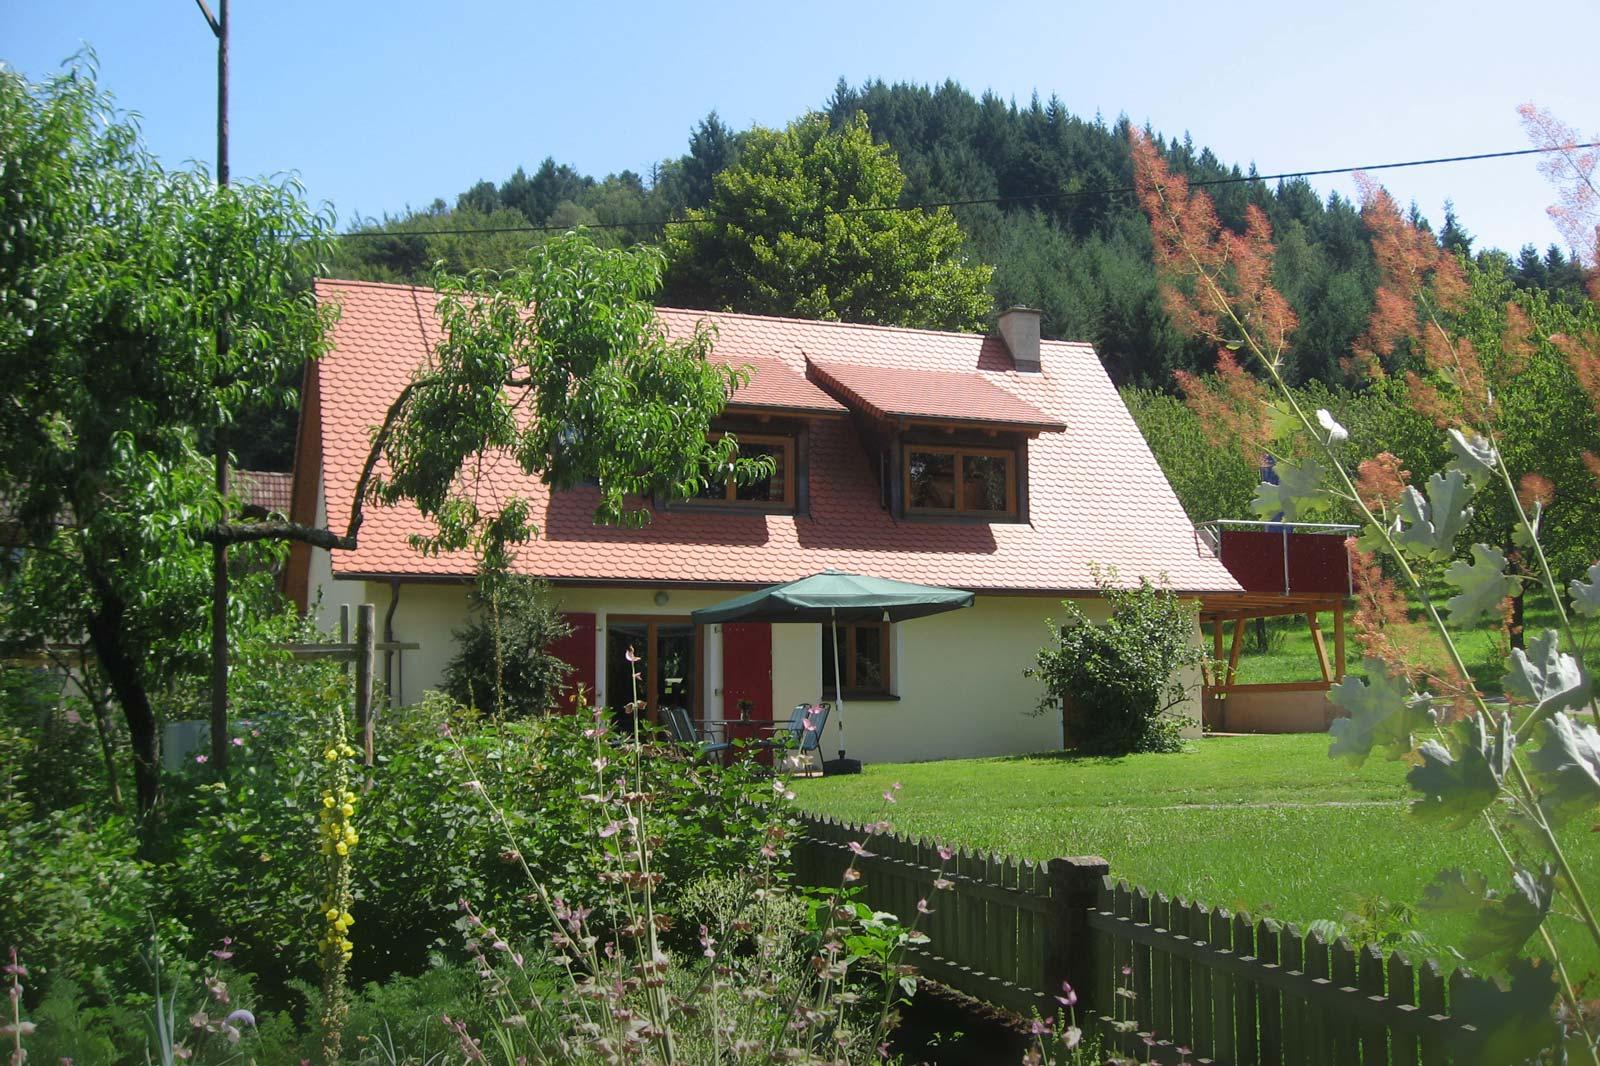 Ferienhaus am Kropbach | 284 m ü. NN